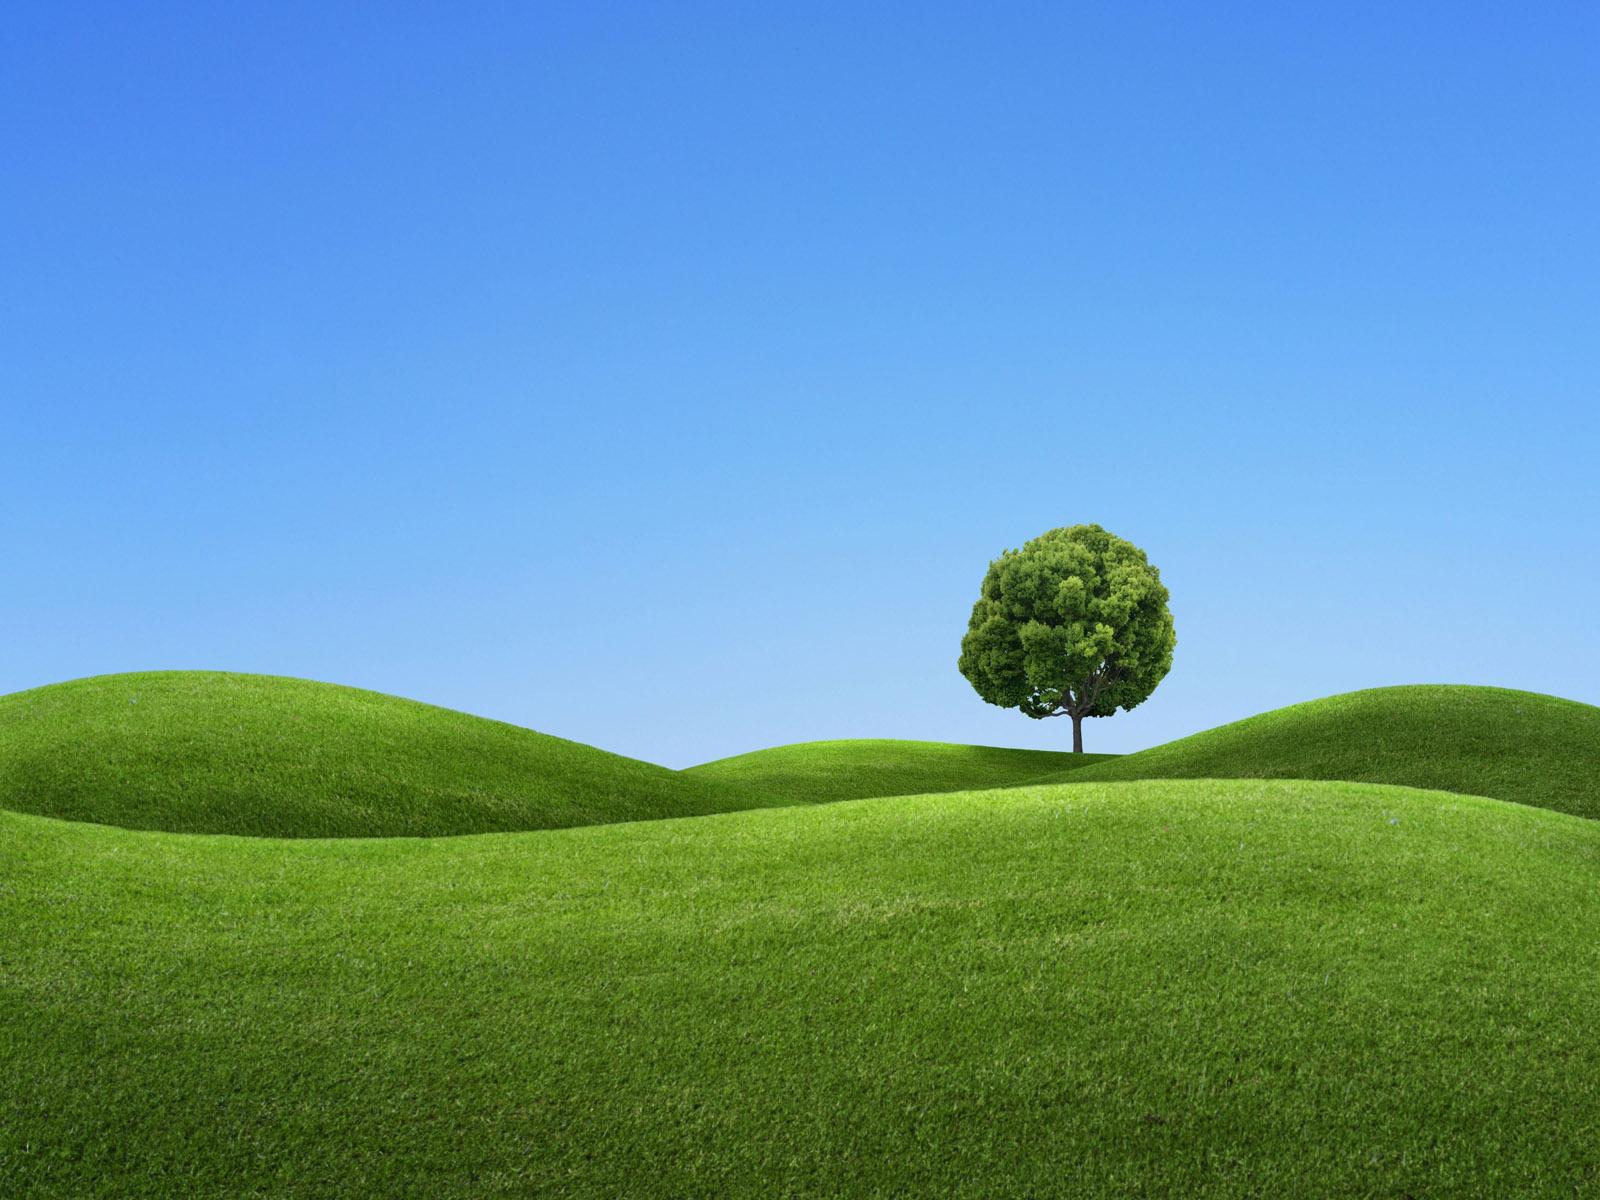 http://3.bp.blogspot.com/-5kJsNabfGII/T8Yzpwv6eRI/AAAAAAAAyak/q45FocQEX1A/s1600/A_tree_on_a_green_hill_3d_wallpaper.jpg